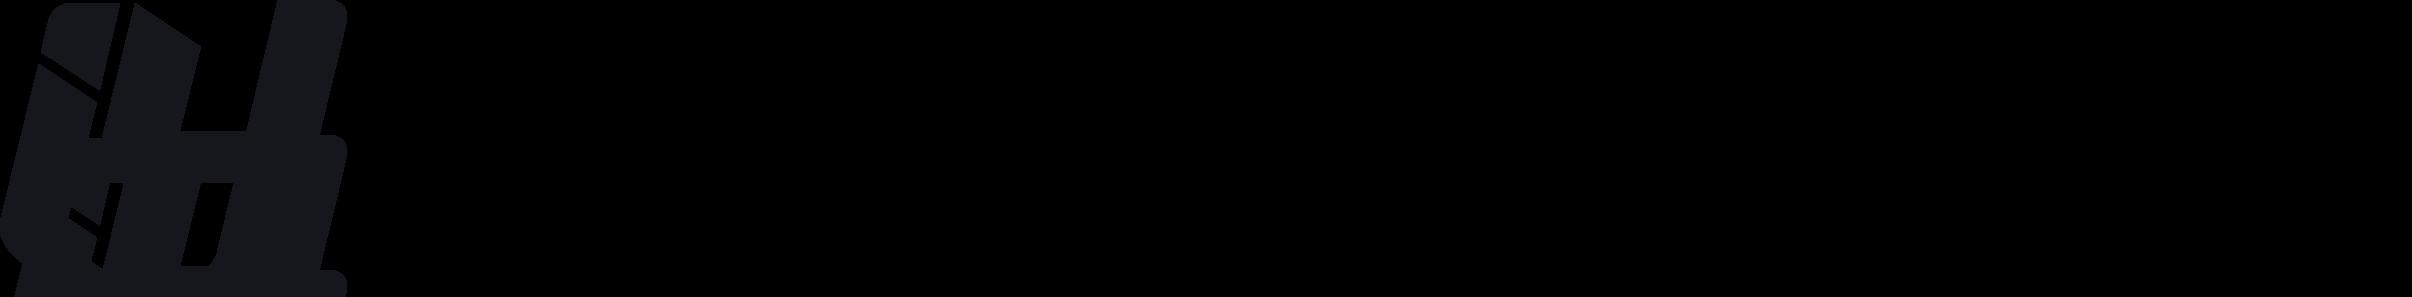 dye i4